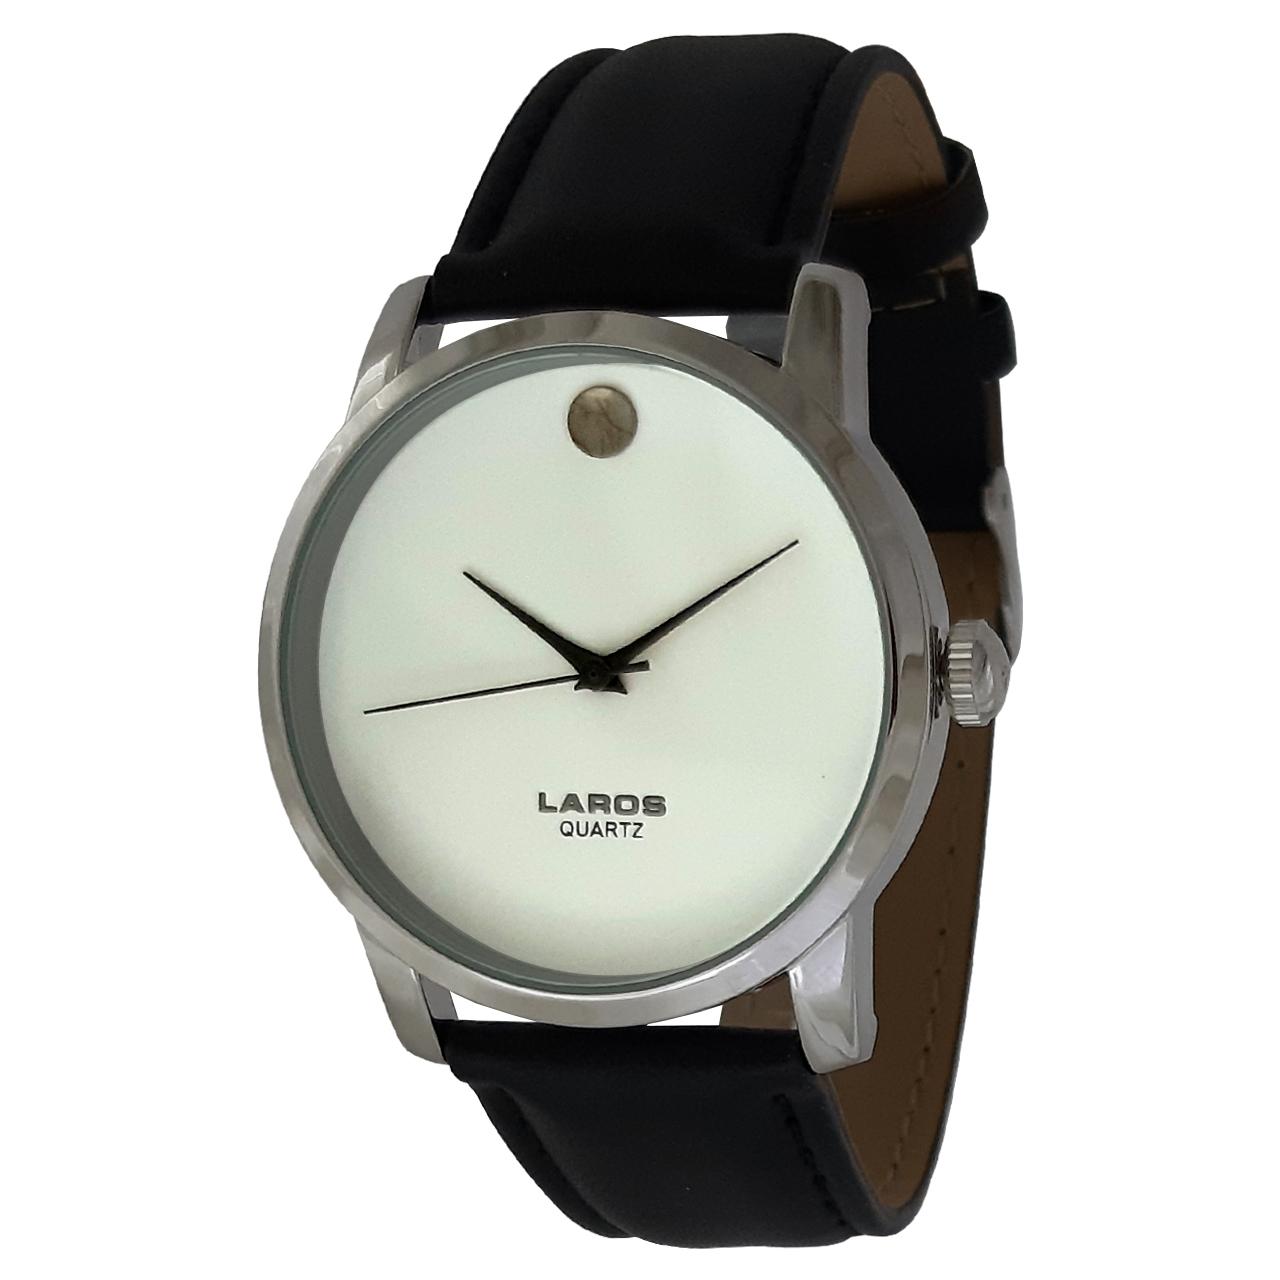 ساعت مچی عقربه ای مردانه لاروس مدل 0817-79931-s به همراه دستمال مخصوص برند کلین واچ